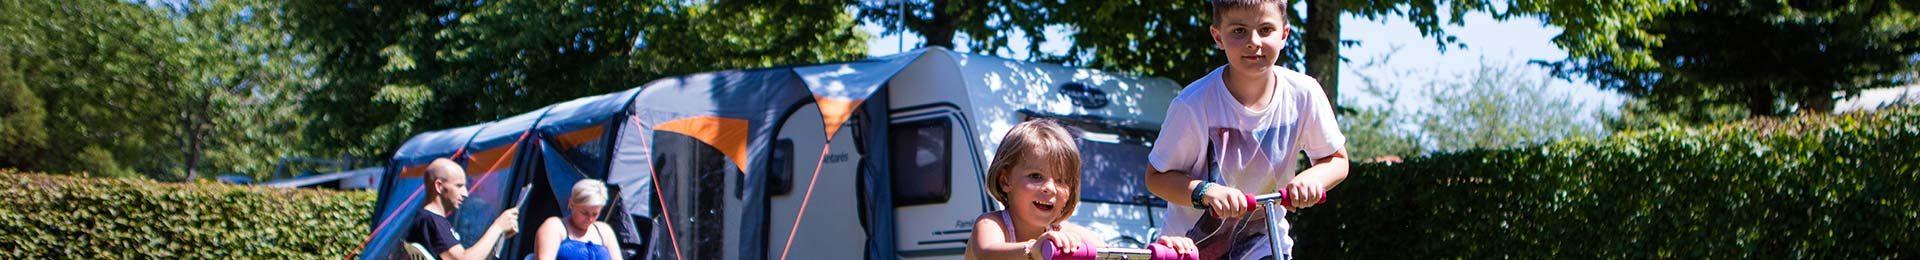 les emplacements de camping car